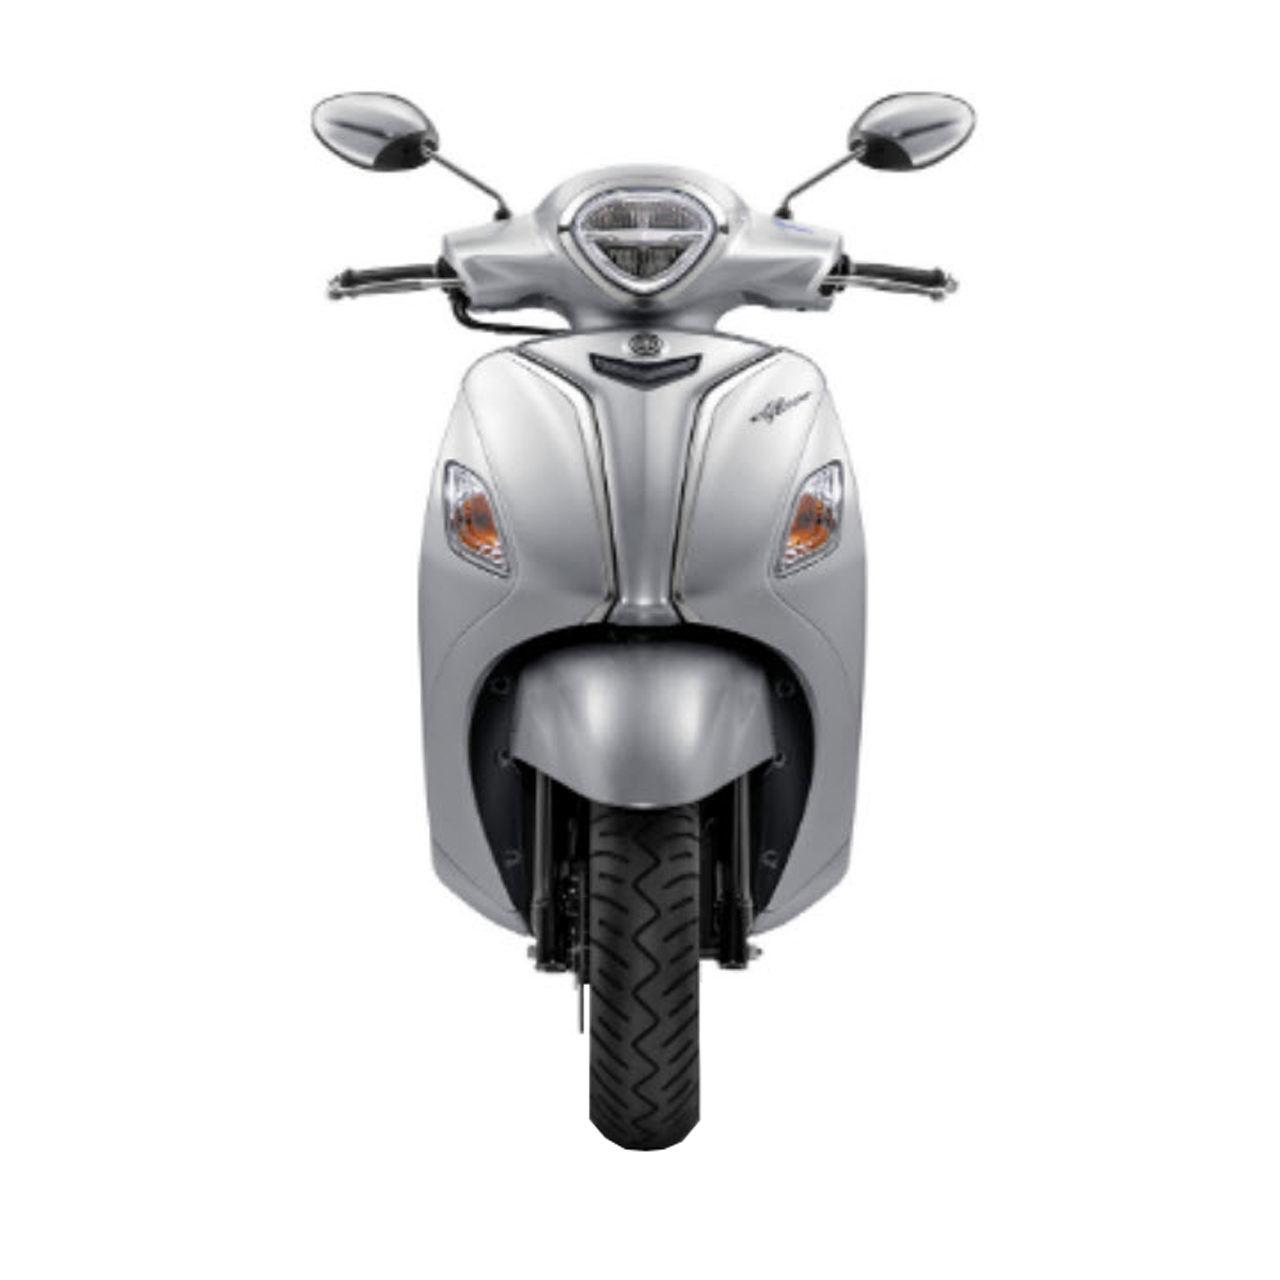 موتورسیکلت یاماها مدل GRAND FILANO ABS حجم 125 سی سی سال 1399 main 1 5